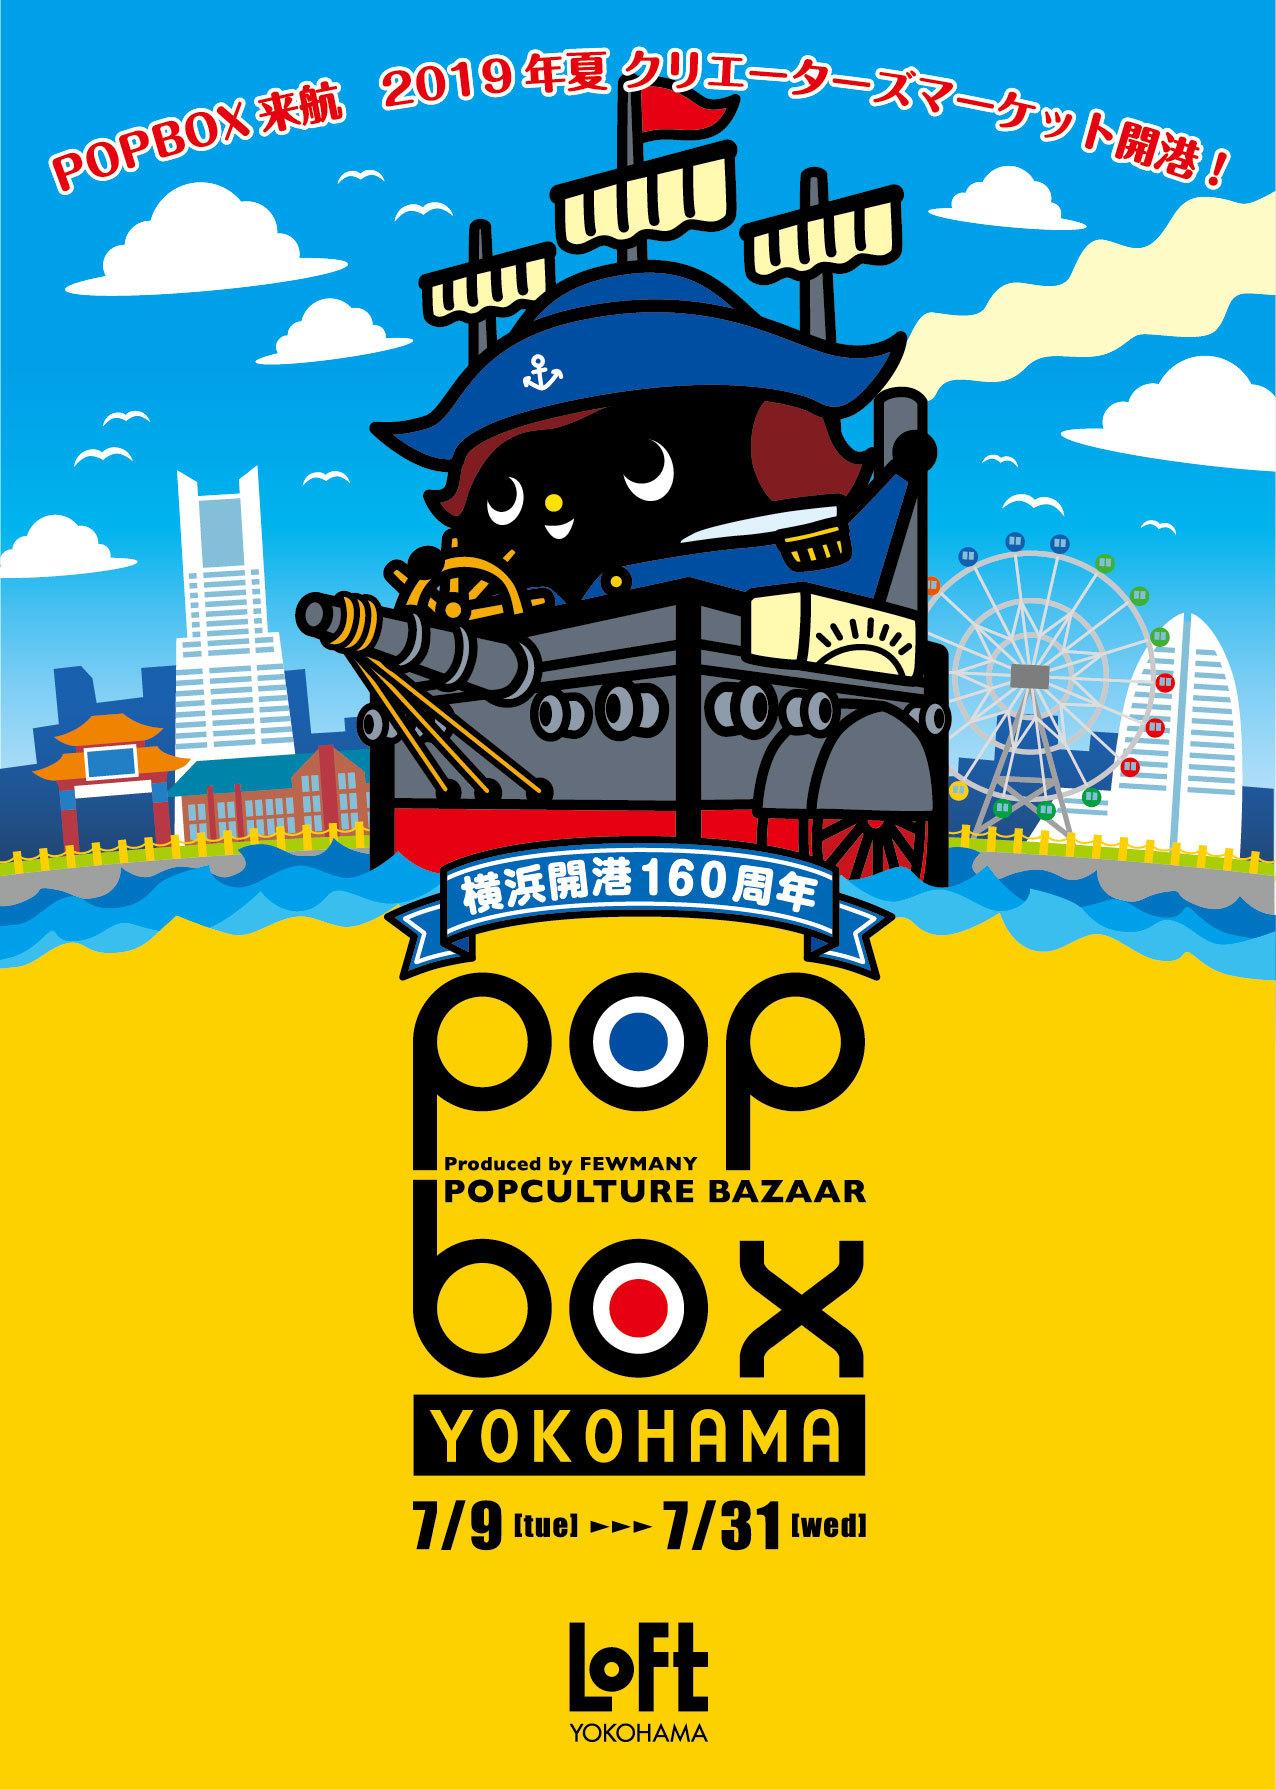 横浜ロフトさんでPOPBOXを開催いたします!_f0010033_10481141.jpg